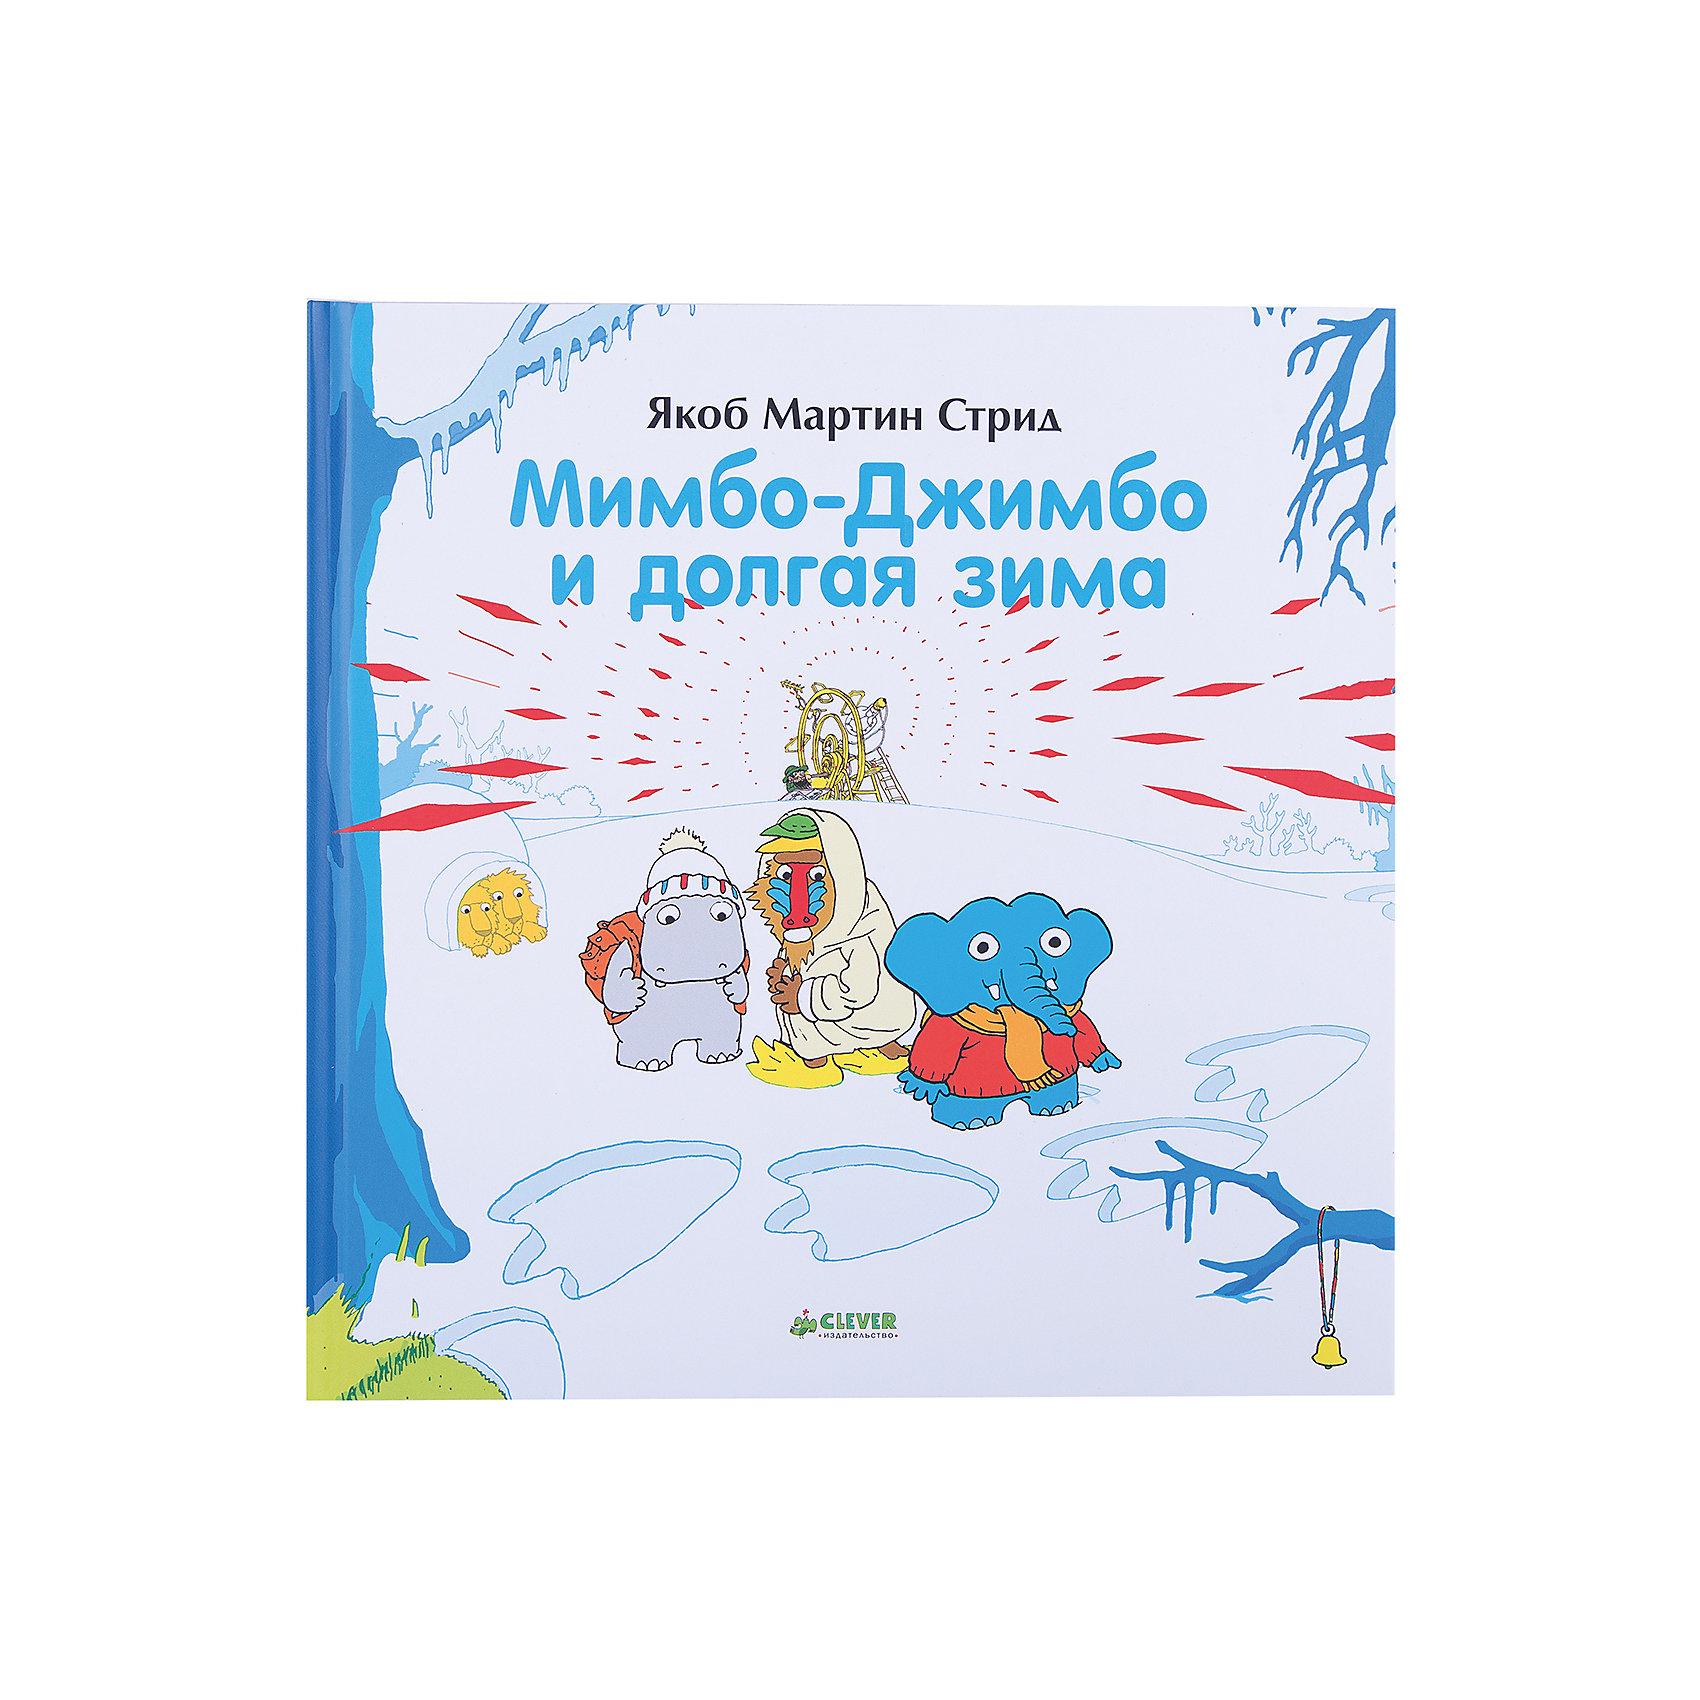 Мимбо-Джимбо и долгая зима, Я. М. СтридCLEVER (КЛЕВЕР)<br>Волшебные истории помогают не только весело провести время с детьми - это мощный инструмент для развития и обучения малышей. Интеллект и словарный запас ребенка нужно развивать - и тогда он в дальнейшем сможет освоить больше полезных навыков. Сделать это занятие интересным и легким поможет данная книга с доброй и интересной сказкой.<br>С помощью ярких картинок можно легко познакомить ребенка с сюжетом этой замечательной сказки про слоненка и бегемотика, дать ему поток новых слов и выражений. Книга отличается удобным форматом, твердым переплетом и красочными изображениями, которые малыши с удовольствием рассматривают. Это издание пригодятся для тех, кто хочет вырастить гармоничного человека. <br><br>Дополнительная информация:<br><br>размер: 25 x 25 см;<br>страниц: 112;<br>твердый переплет.<br><br>Издание Мимбо-Джимбо и долгая зима, Я. М. Стрид можно купить в нашем интернет-магазине.<br><br>Ширина мм: 245<br>Глубина мм: 245<br>Высота мм: 11<br>Вес г: 270<br>Возраст от месяцев: 48<br>Возраст до месяцев: 72<br>Пол: Унисекс<br>Возраст: Детский<br>SKU: 4976155